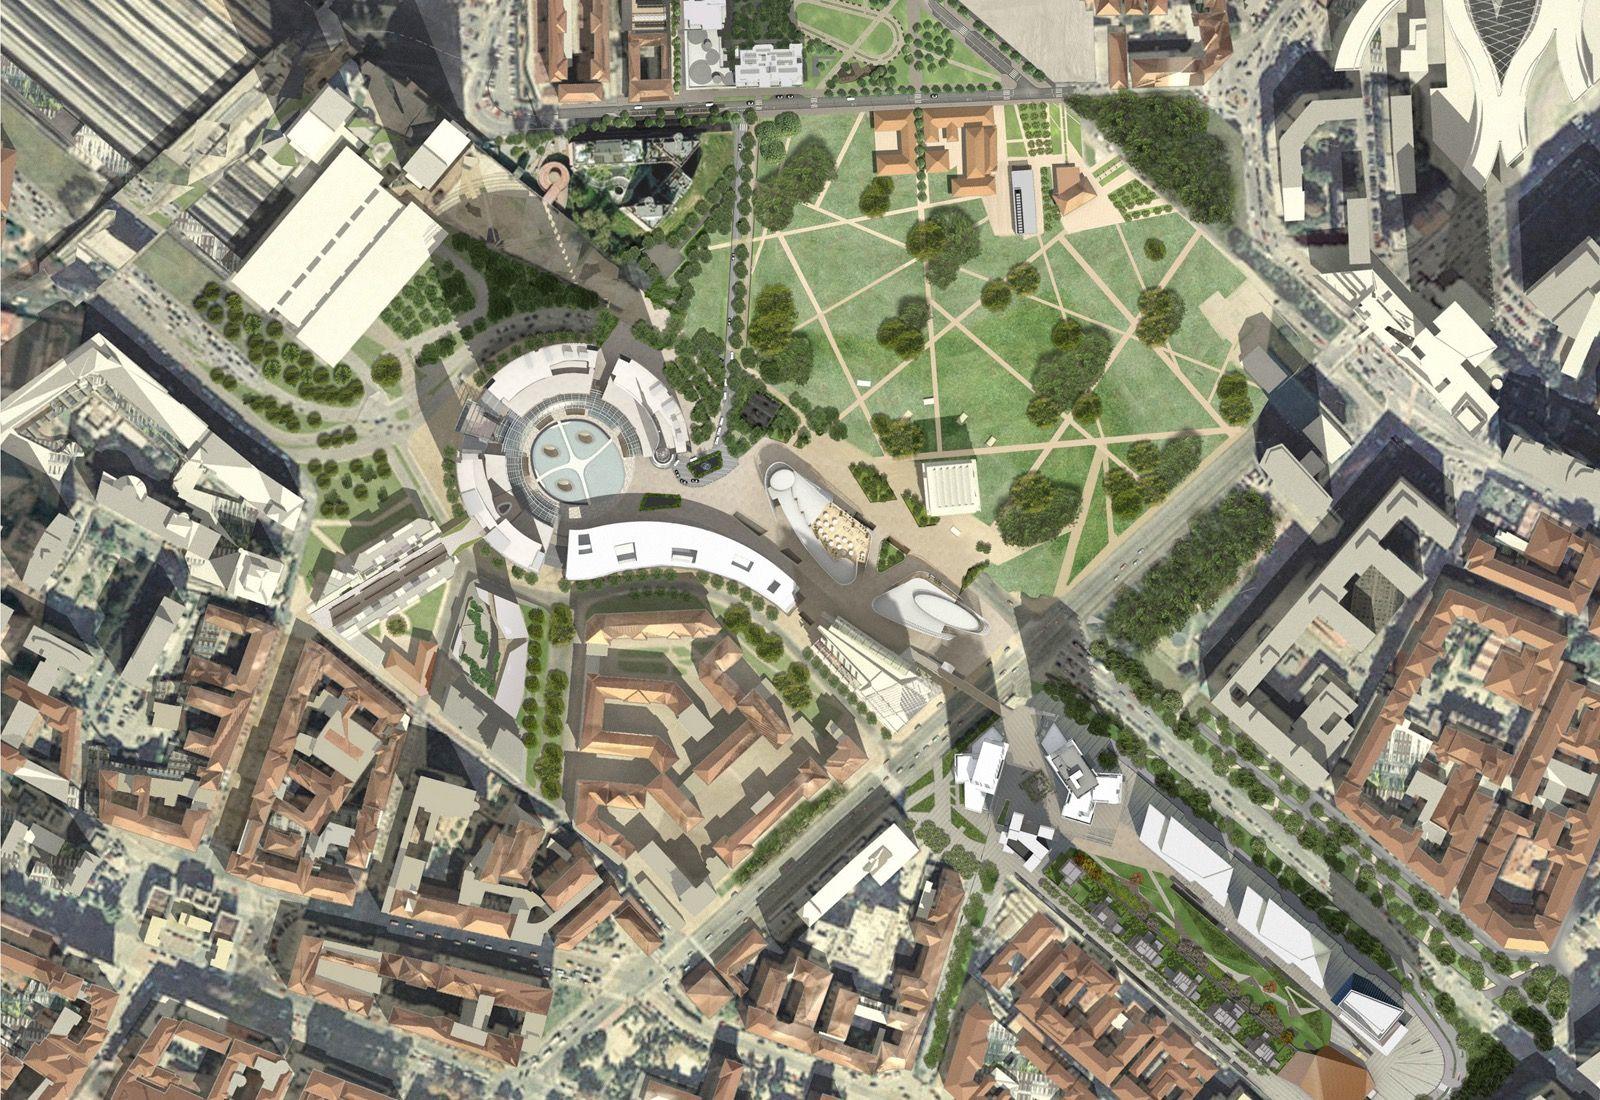 Studio Architettura Paesaggio Milano progetto porta nuova, milano - michael maltzan architecture